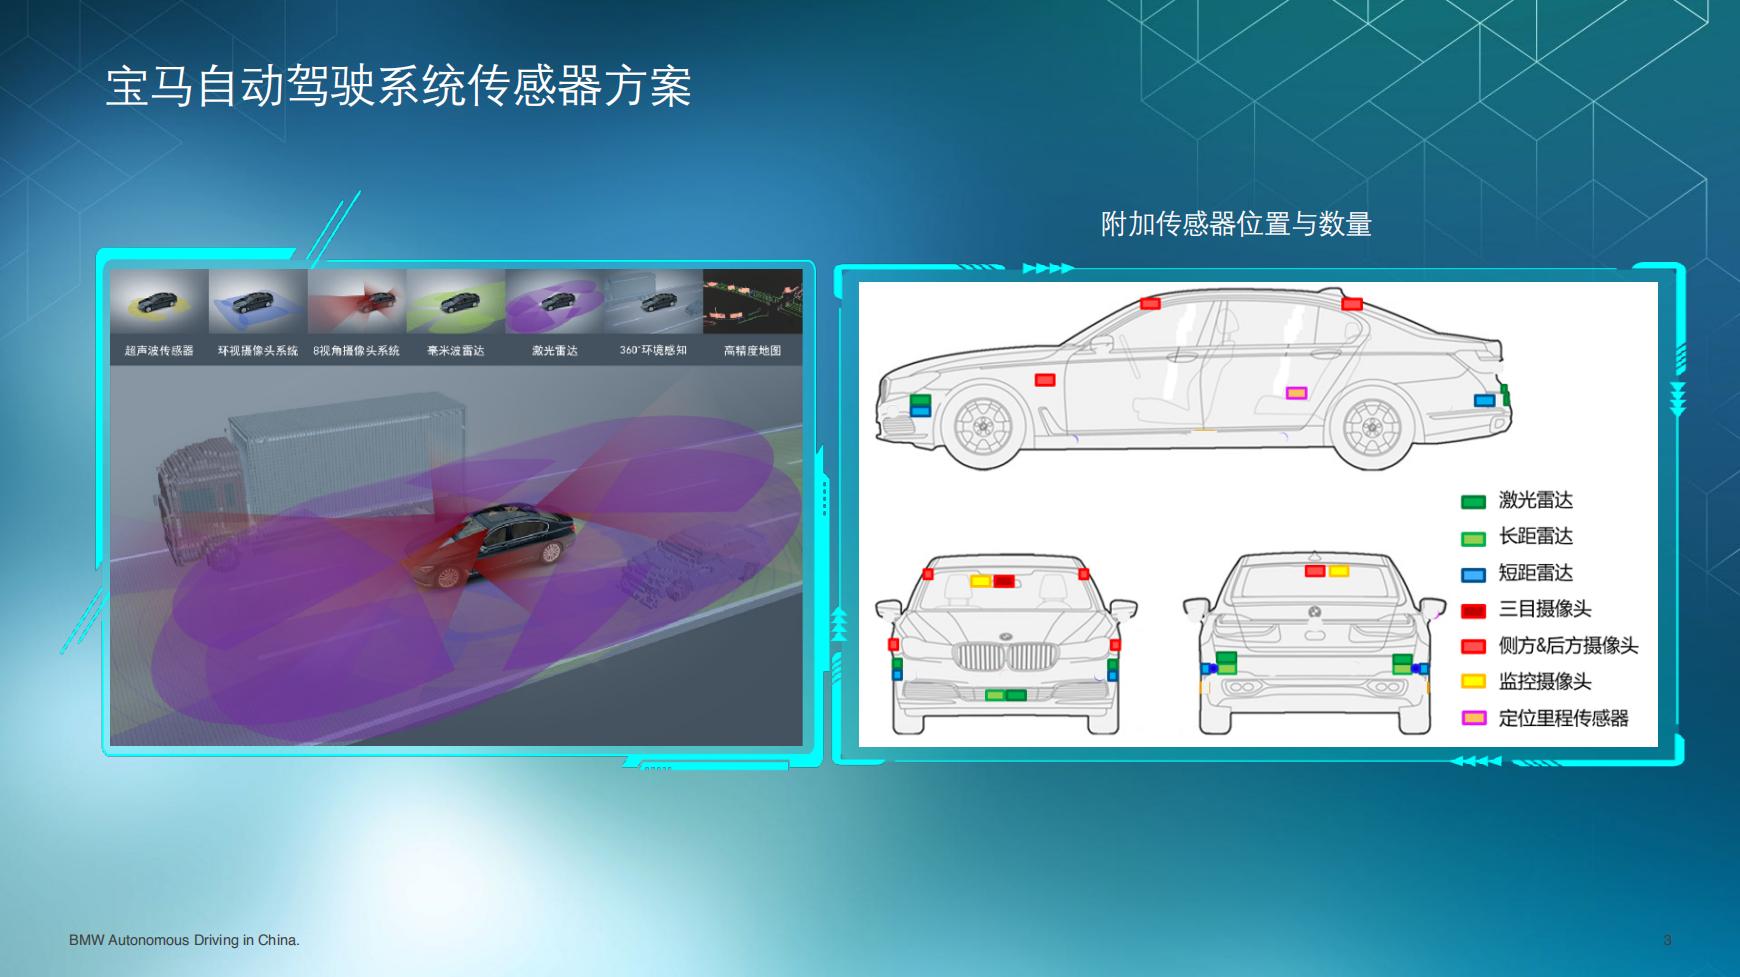 宝马自动驾驶系统传感器方案